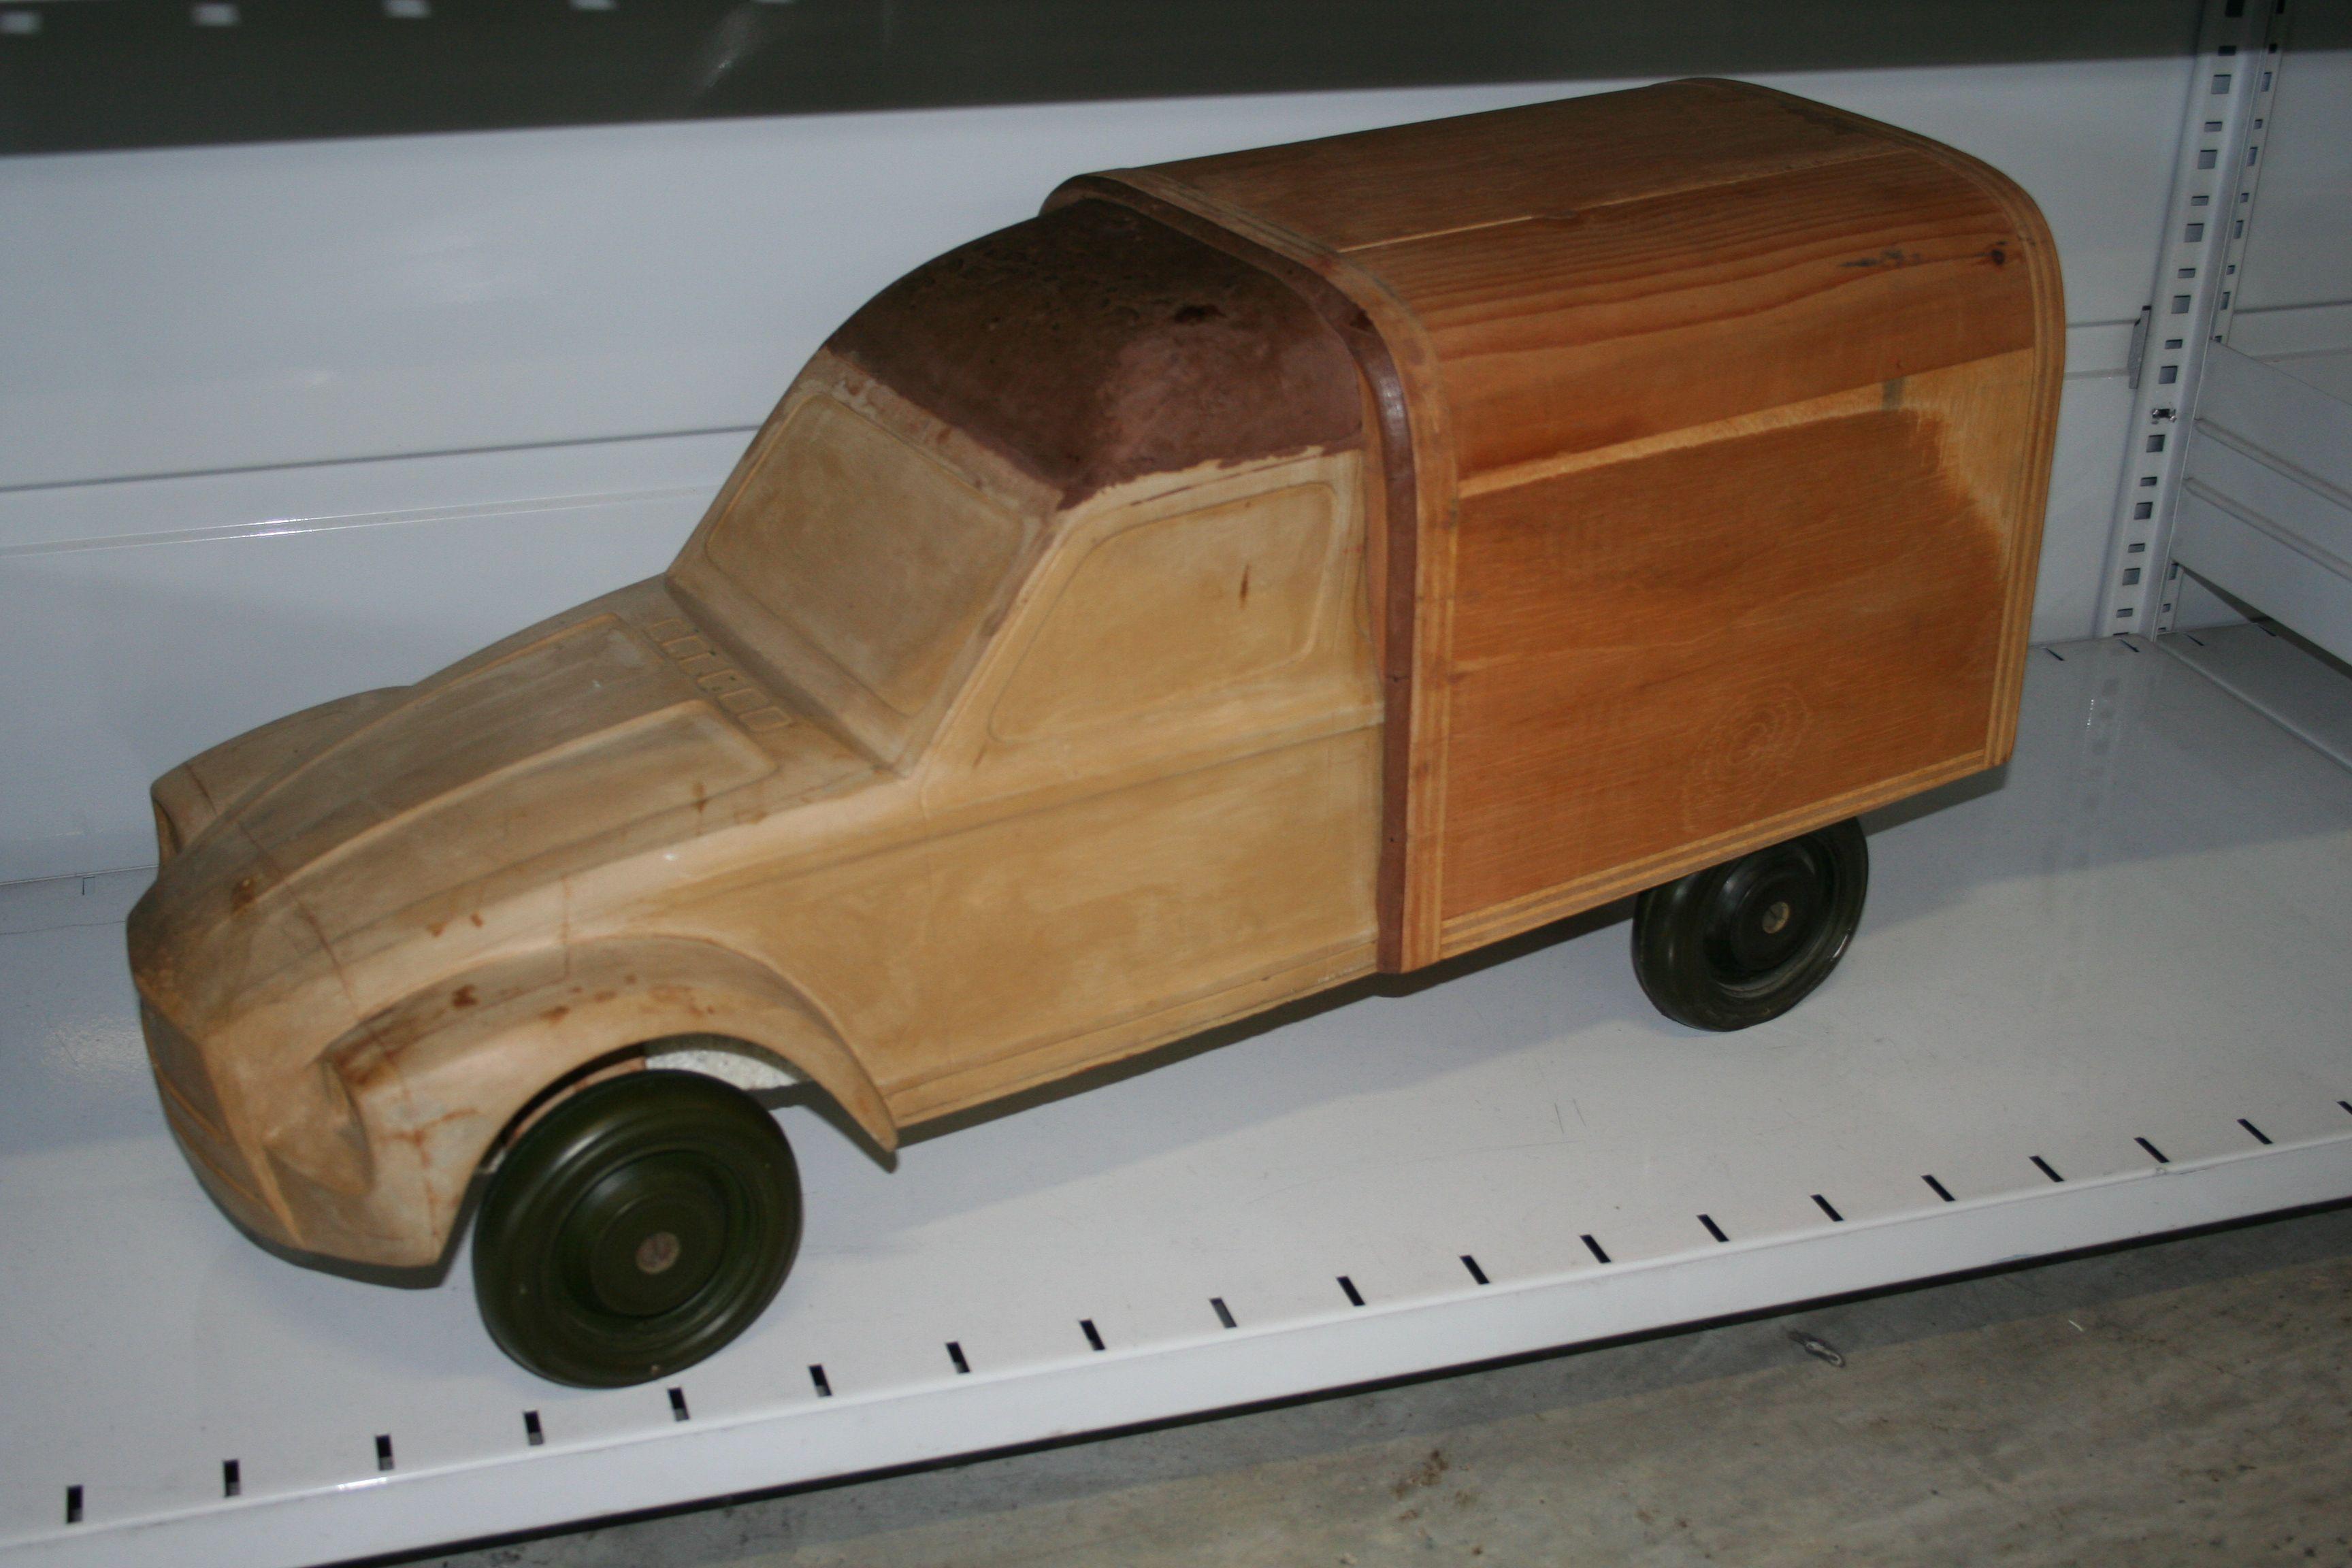 OG | 1978 Citroën Acadiane / AK Dyane | Scale mock-up